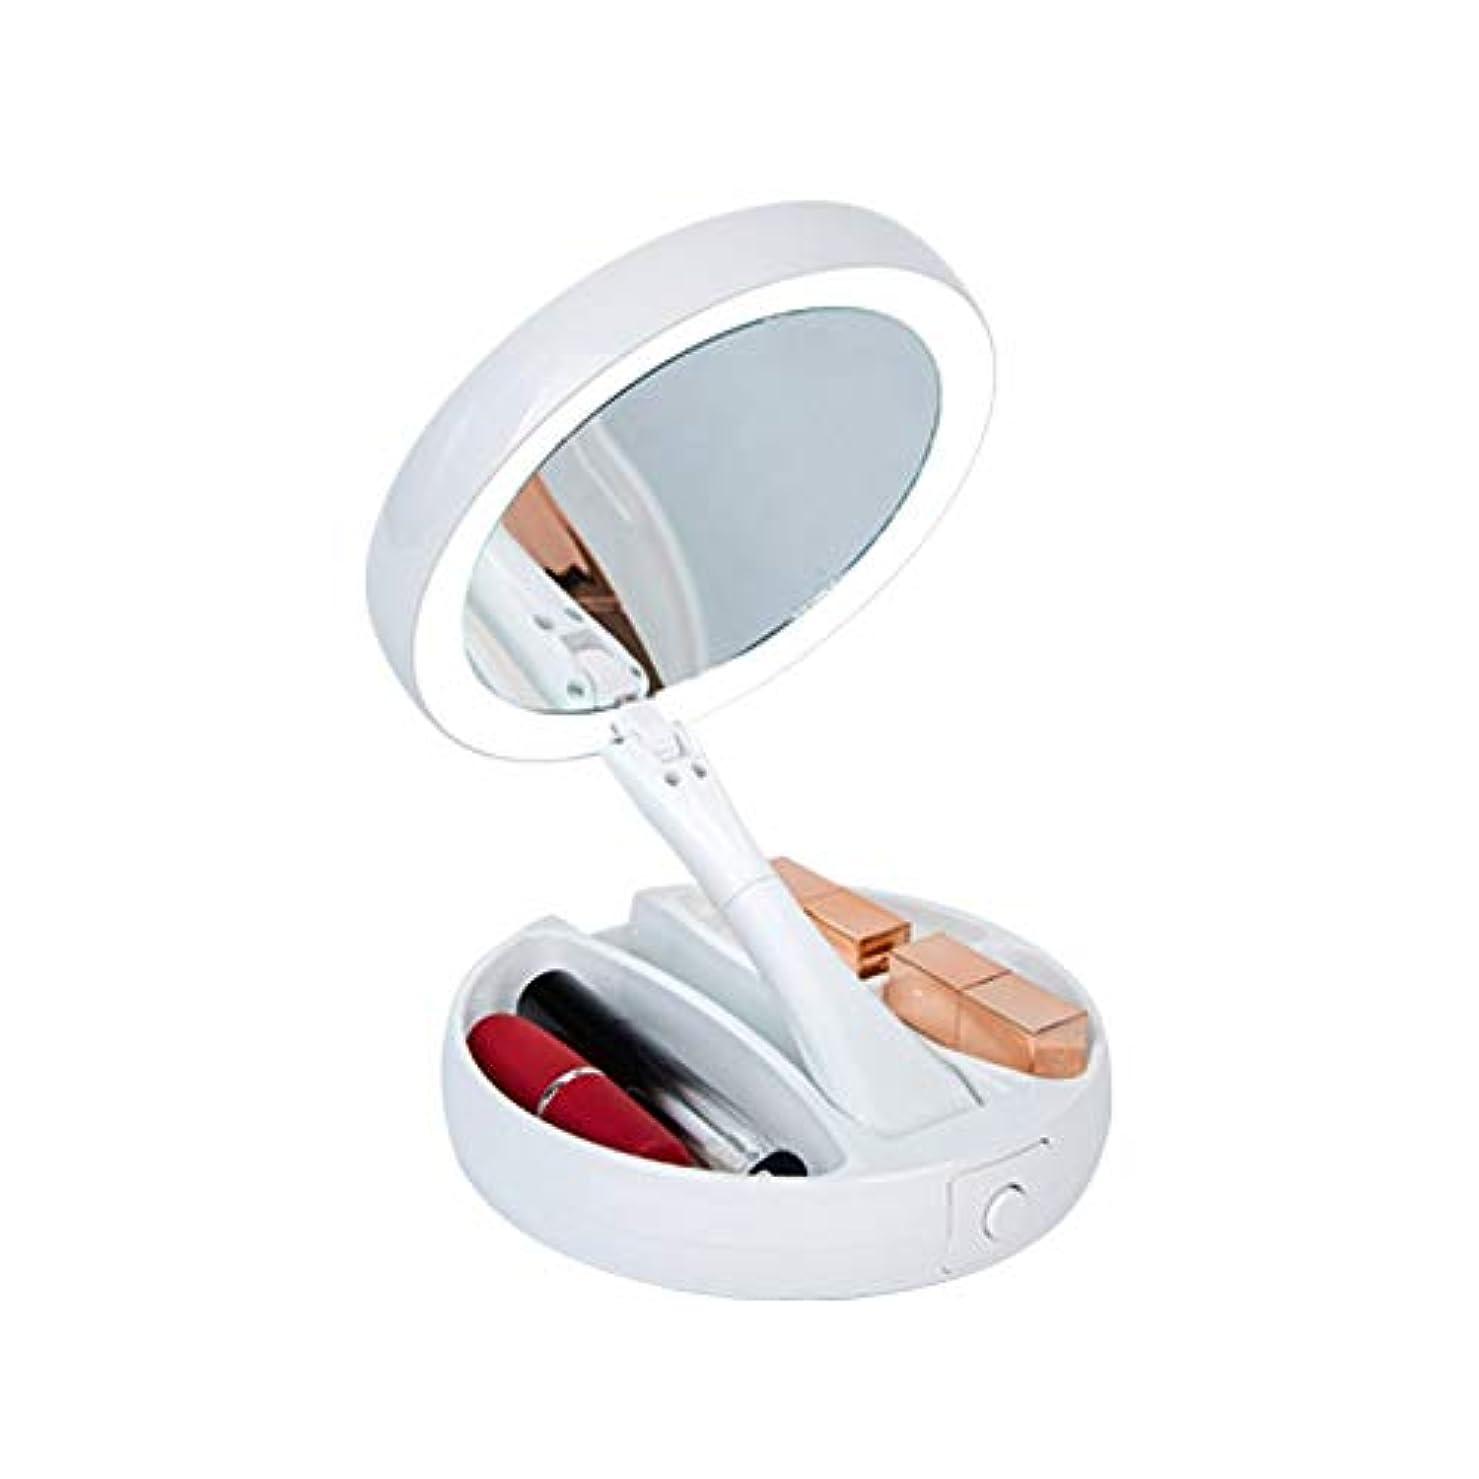 ファブリック男謝罪する化粧鏡 等倍鏡 LED卓上化粧鏡 1X10倍拡大鏡+ メイクミラー 両面型 360度回転式 USBか電池を使って